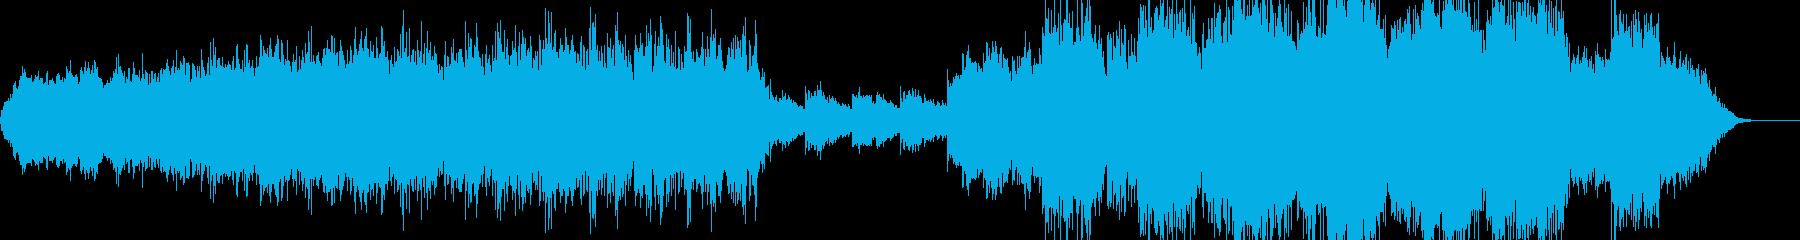 幻想的BGMの再生済みの波形